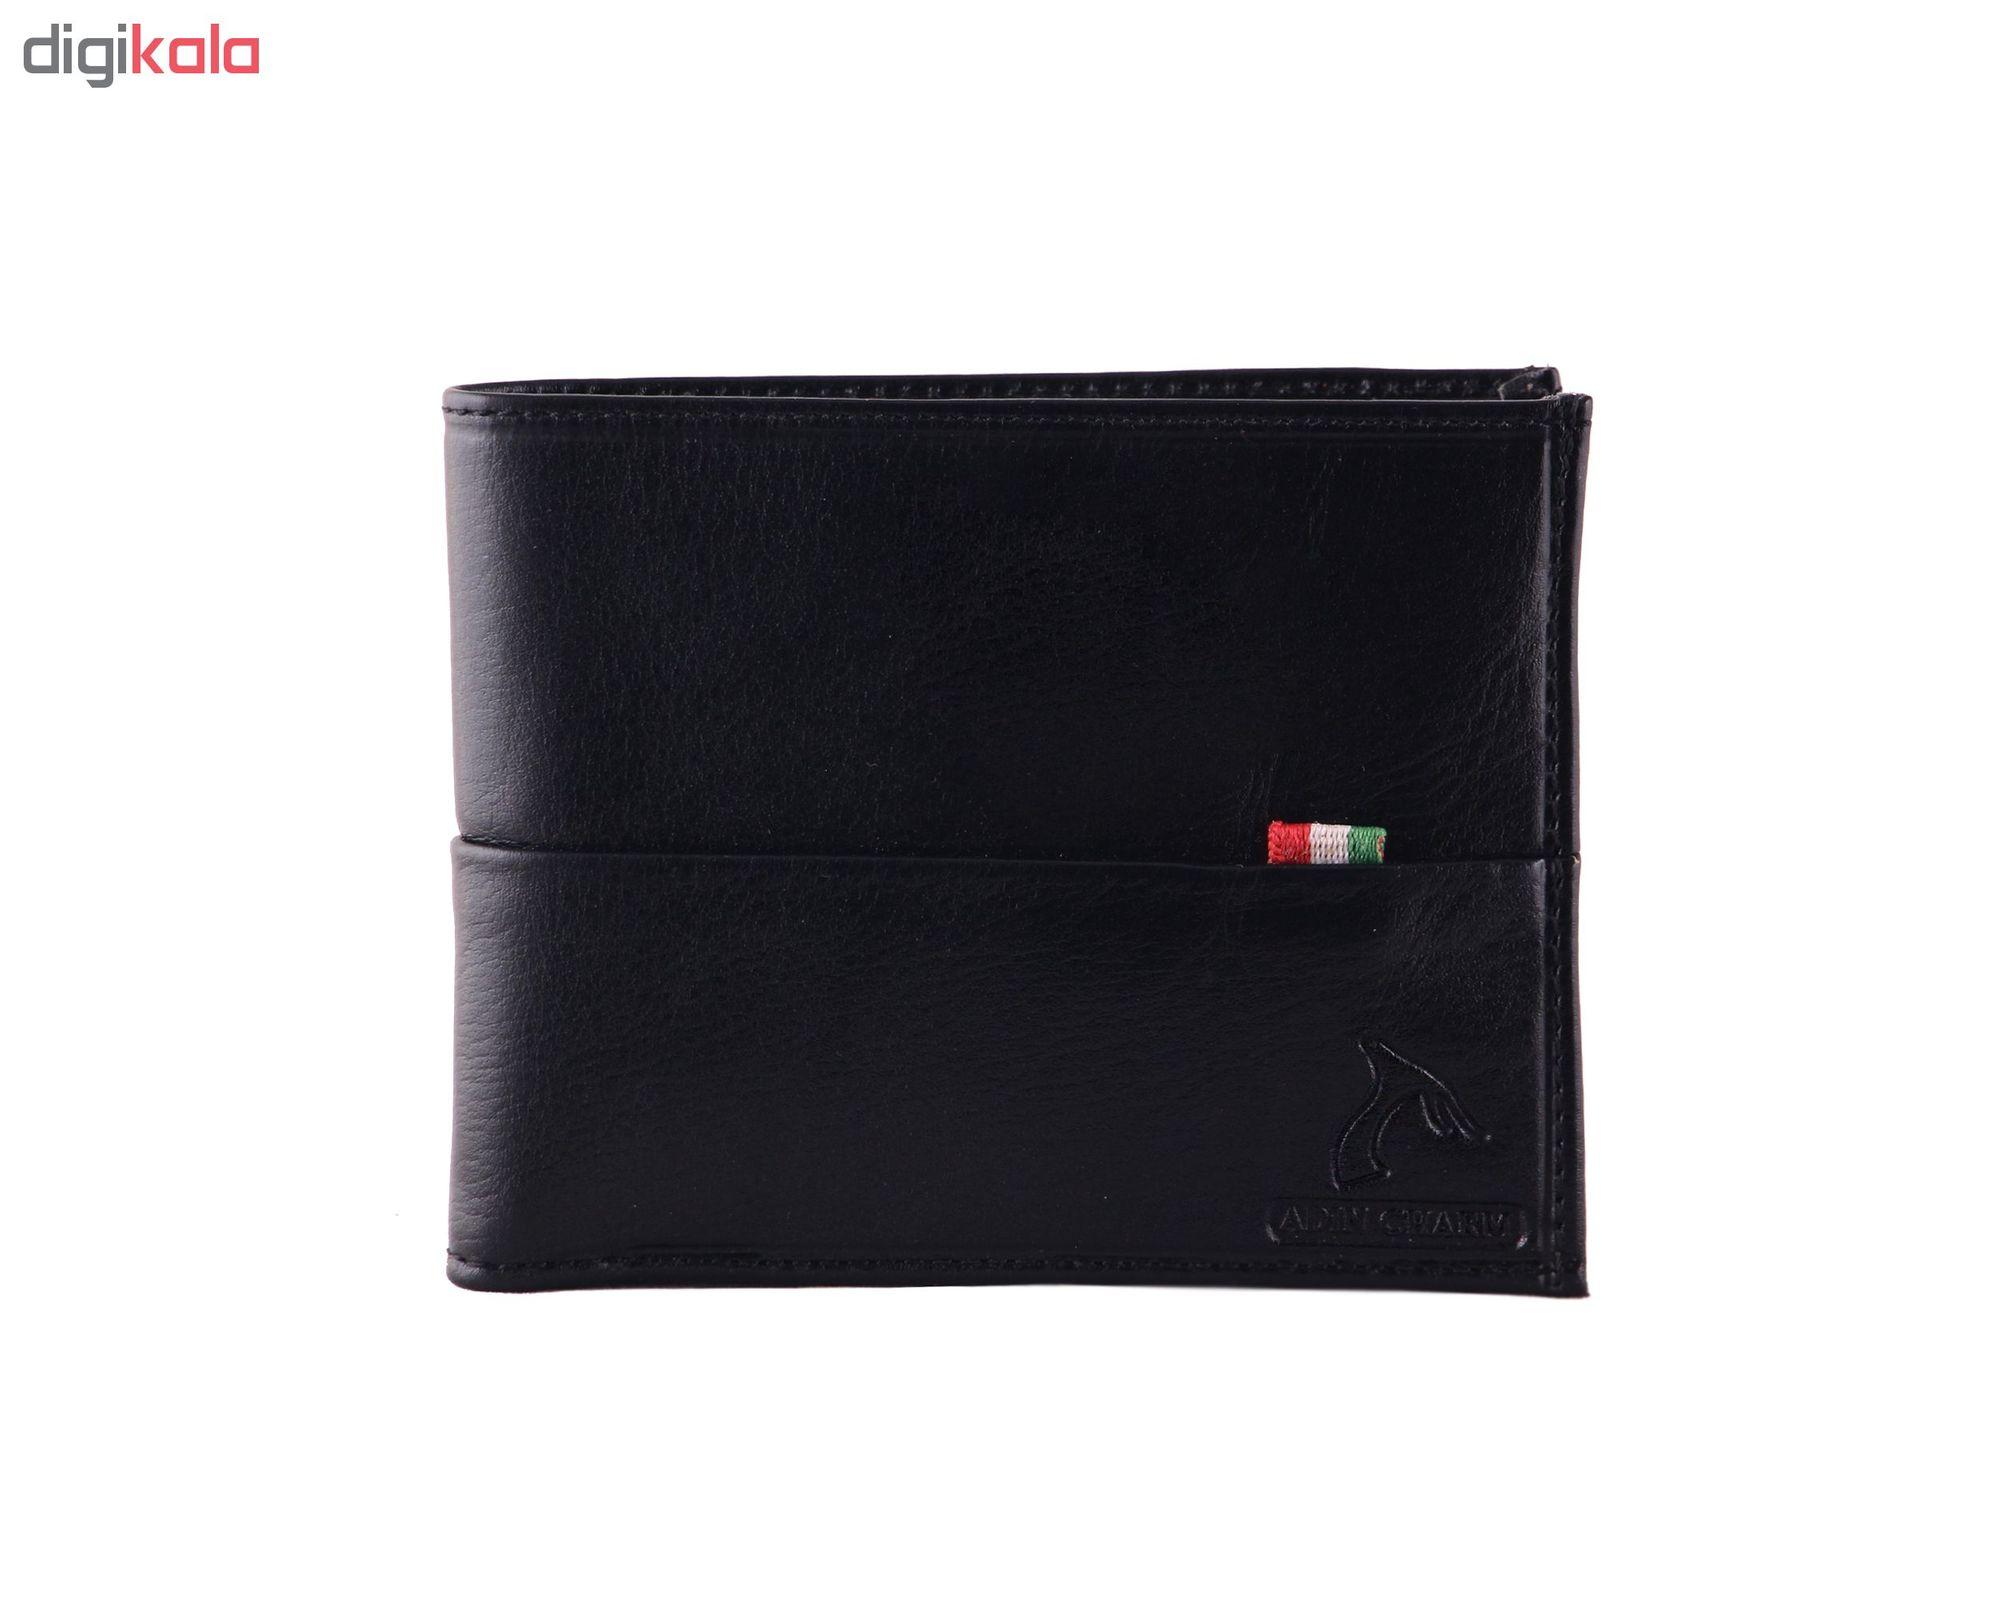 کیف پول مردانه آدین چرم کد DM78 main 1 9